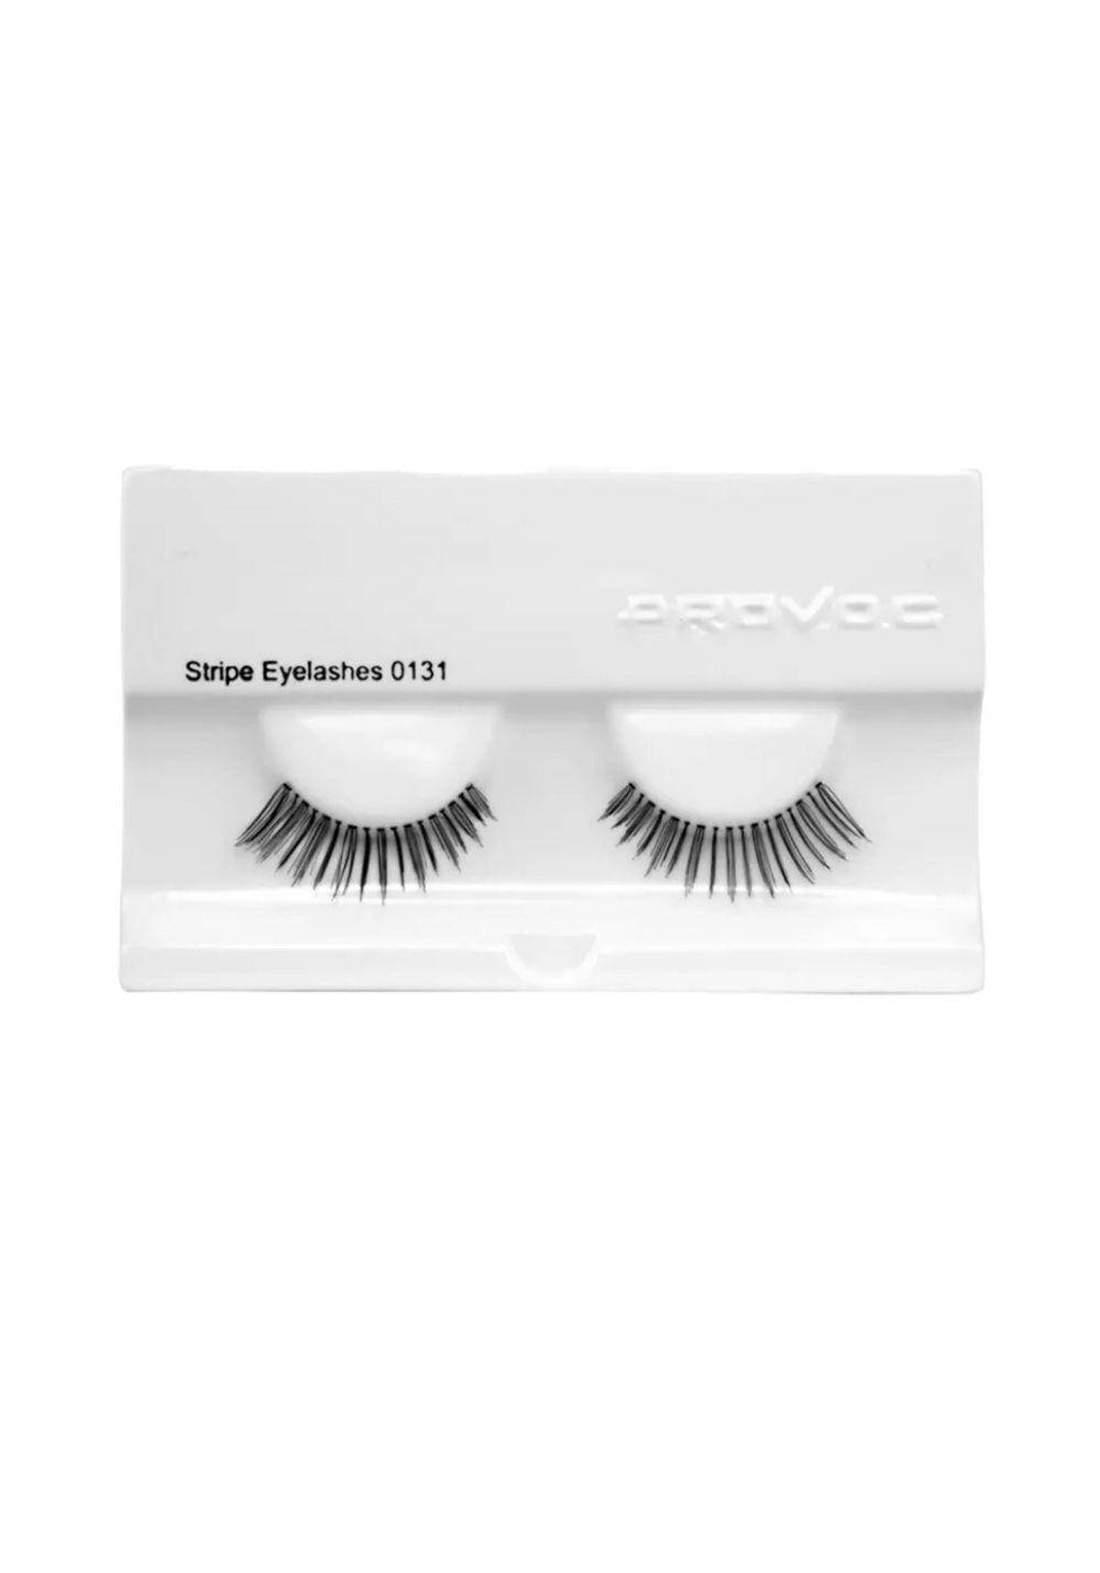 Provoc  353-0084 Stripe Eyelashes No.0131 رموش